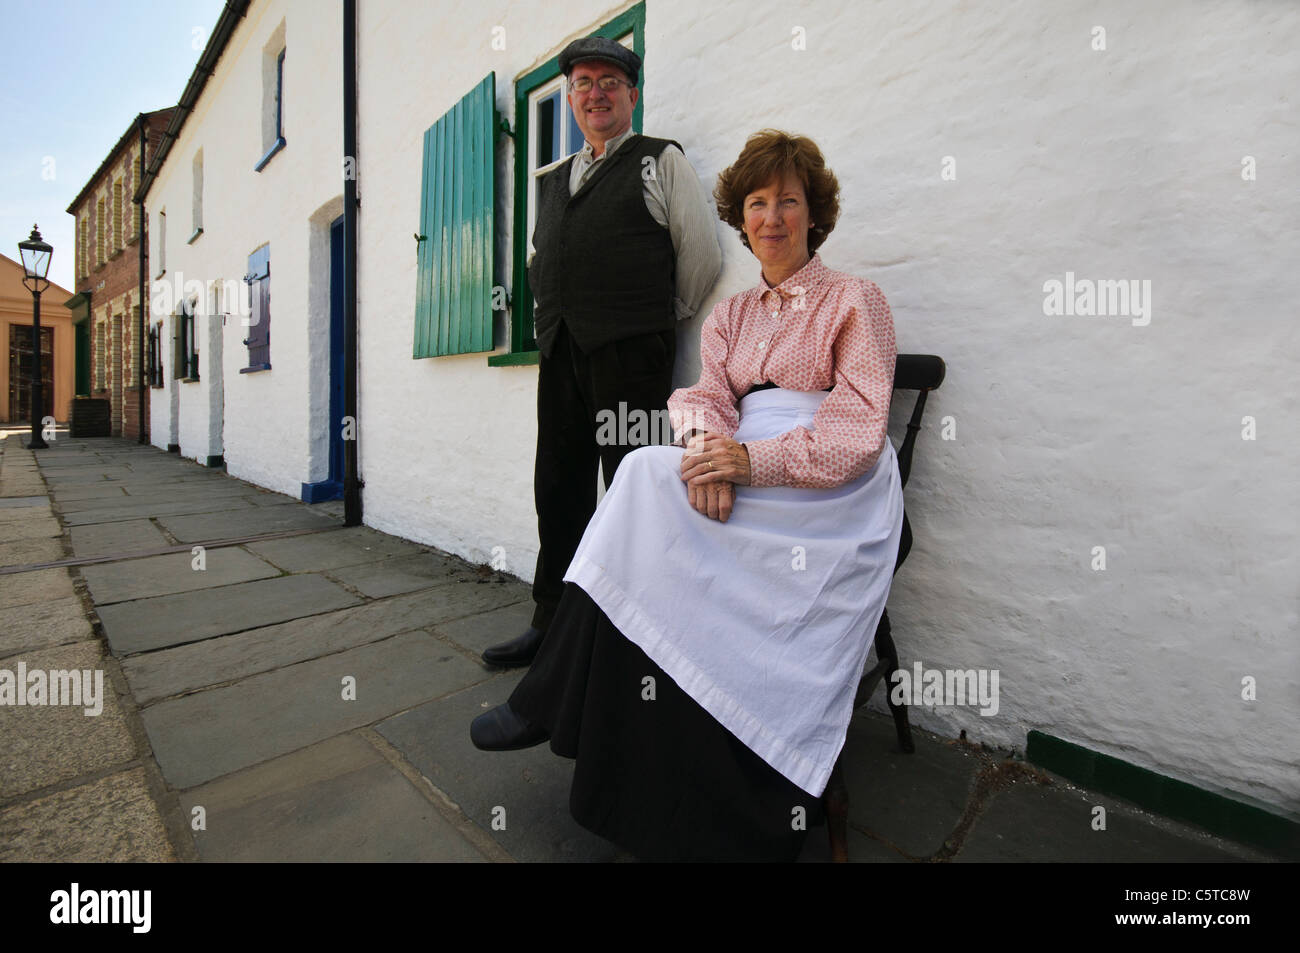 Mann und Frau im viktorianischen Kleid sitzen auf dem Fußweg vor ihrem Haus im Ulster Folk Park Museum Stockfoto